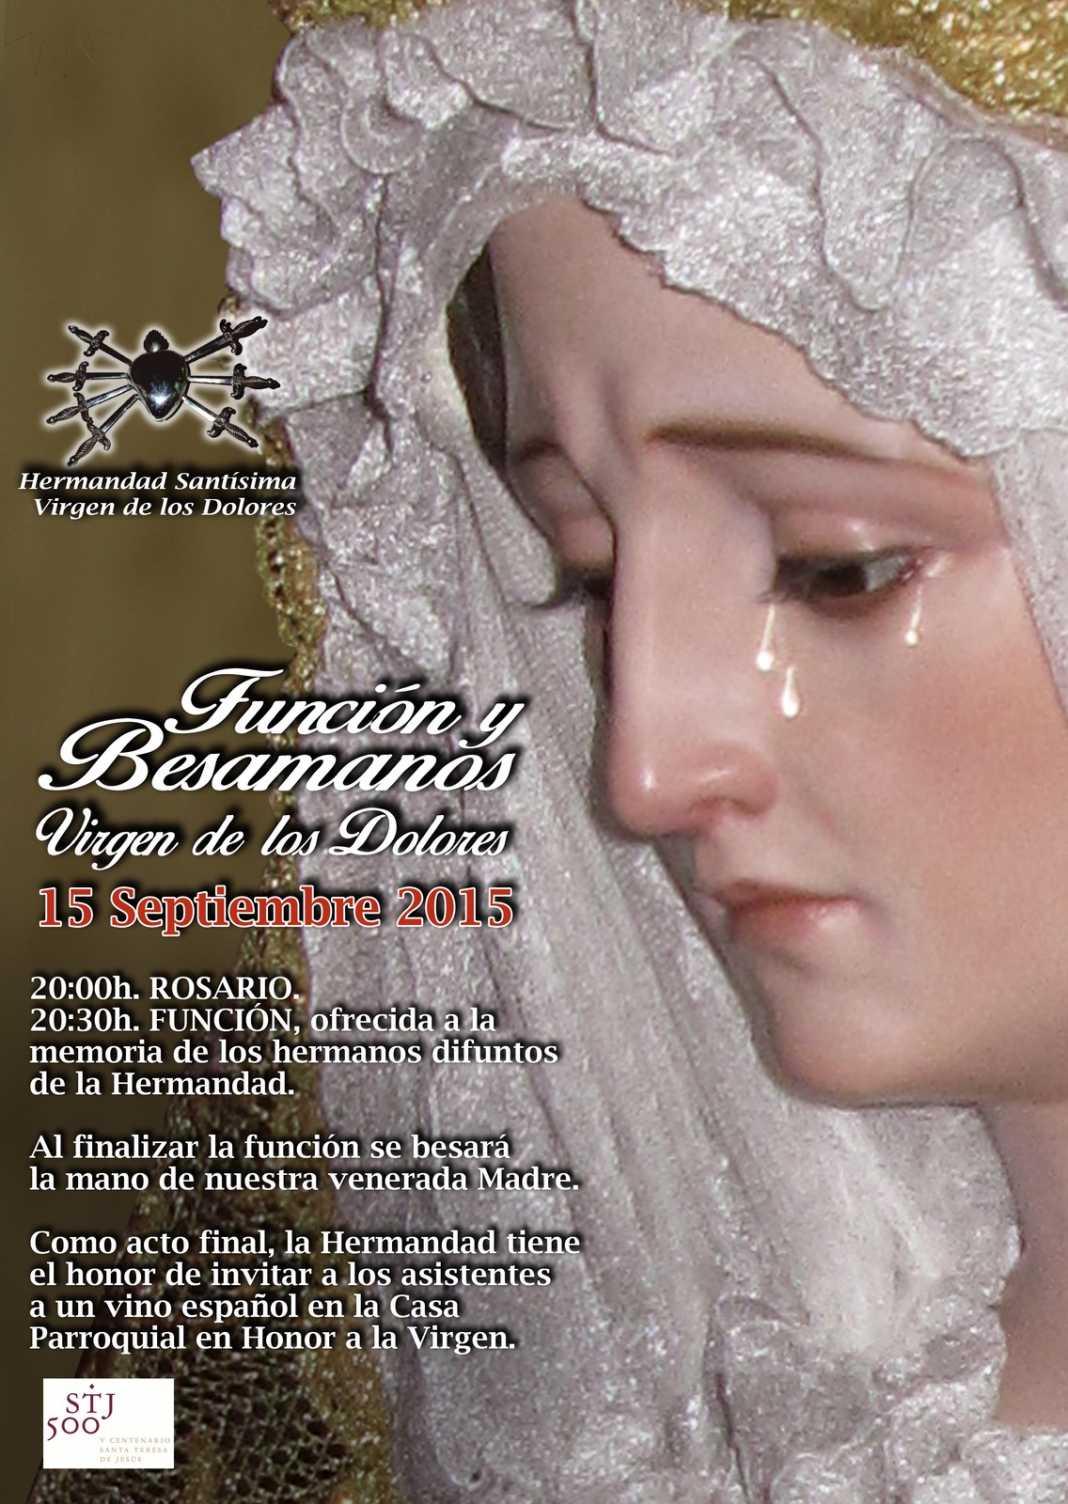 Funcion y besamanos de la Virgen de los Dolores 1068x1504 - Función y besamos de la Virgen de los Dolores